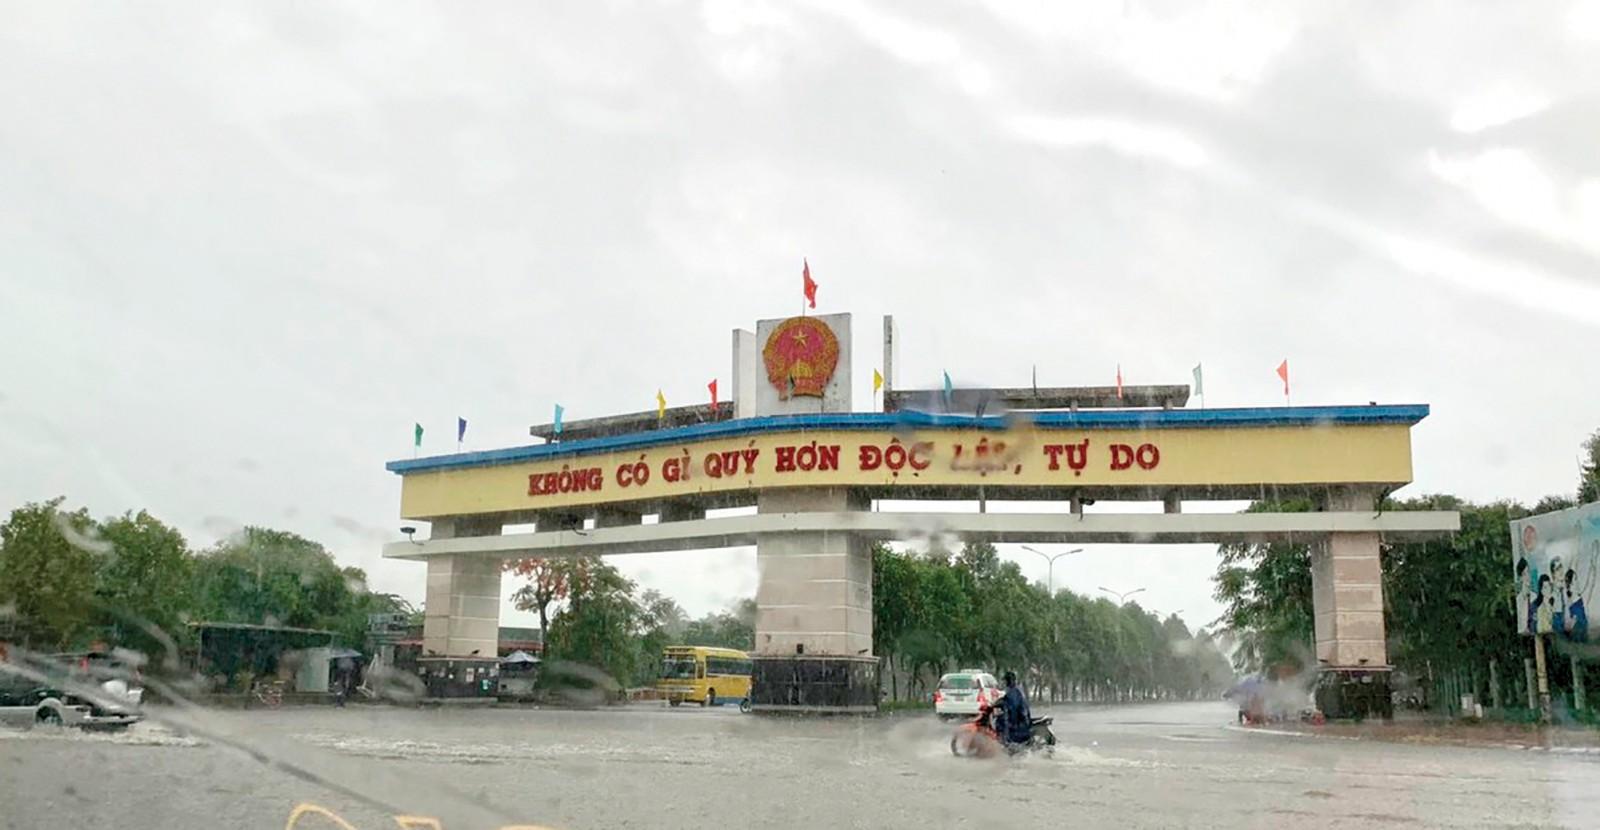 Cơn mưa lớn cuối tháng 4-2019 gây ngập nghẹt, trở ngại giao thông tại khu đô thị Nam Cần Thơ. Ảnh: VĂN THỨC